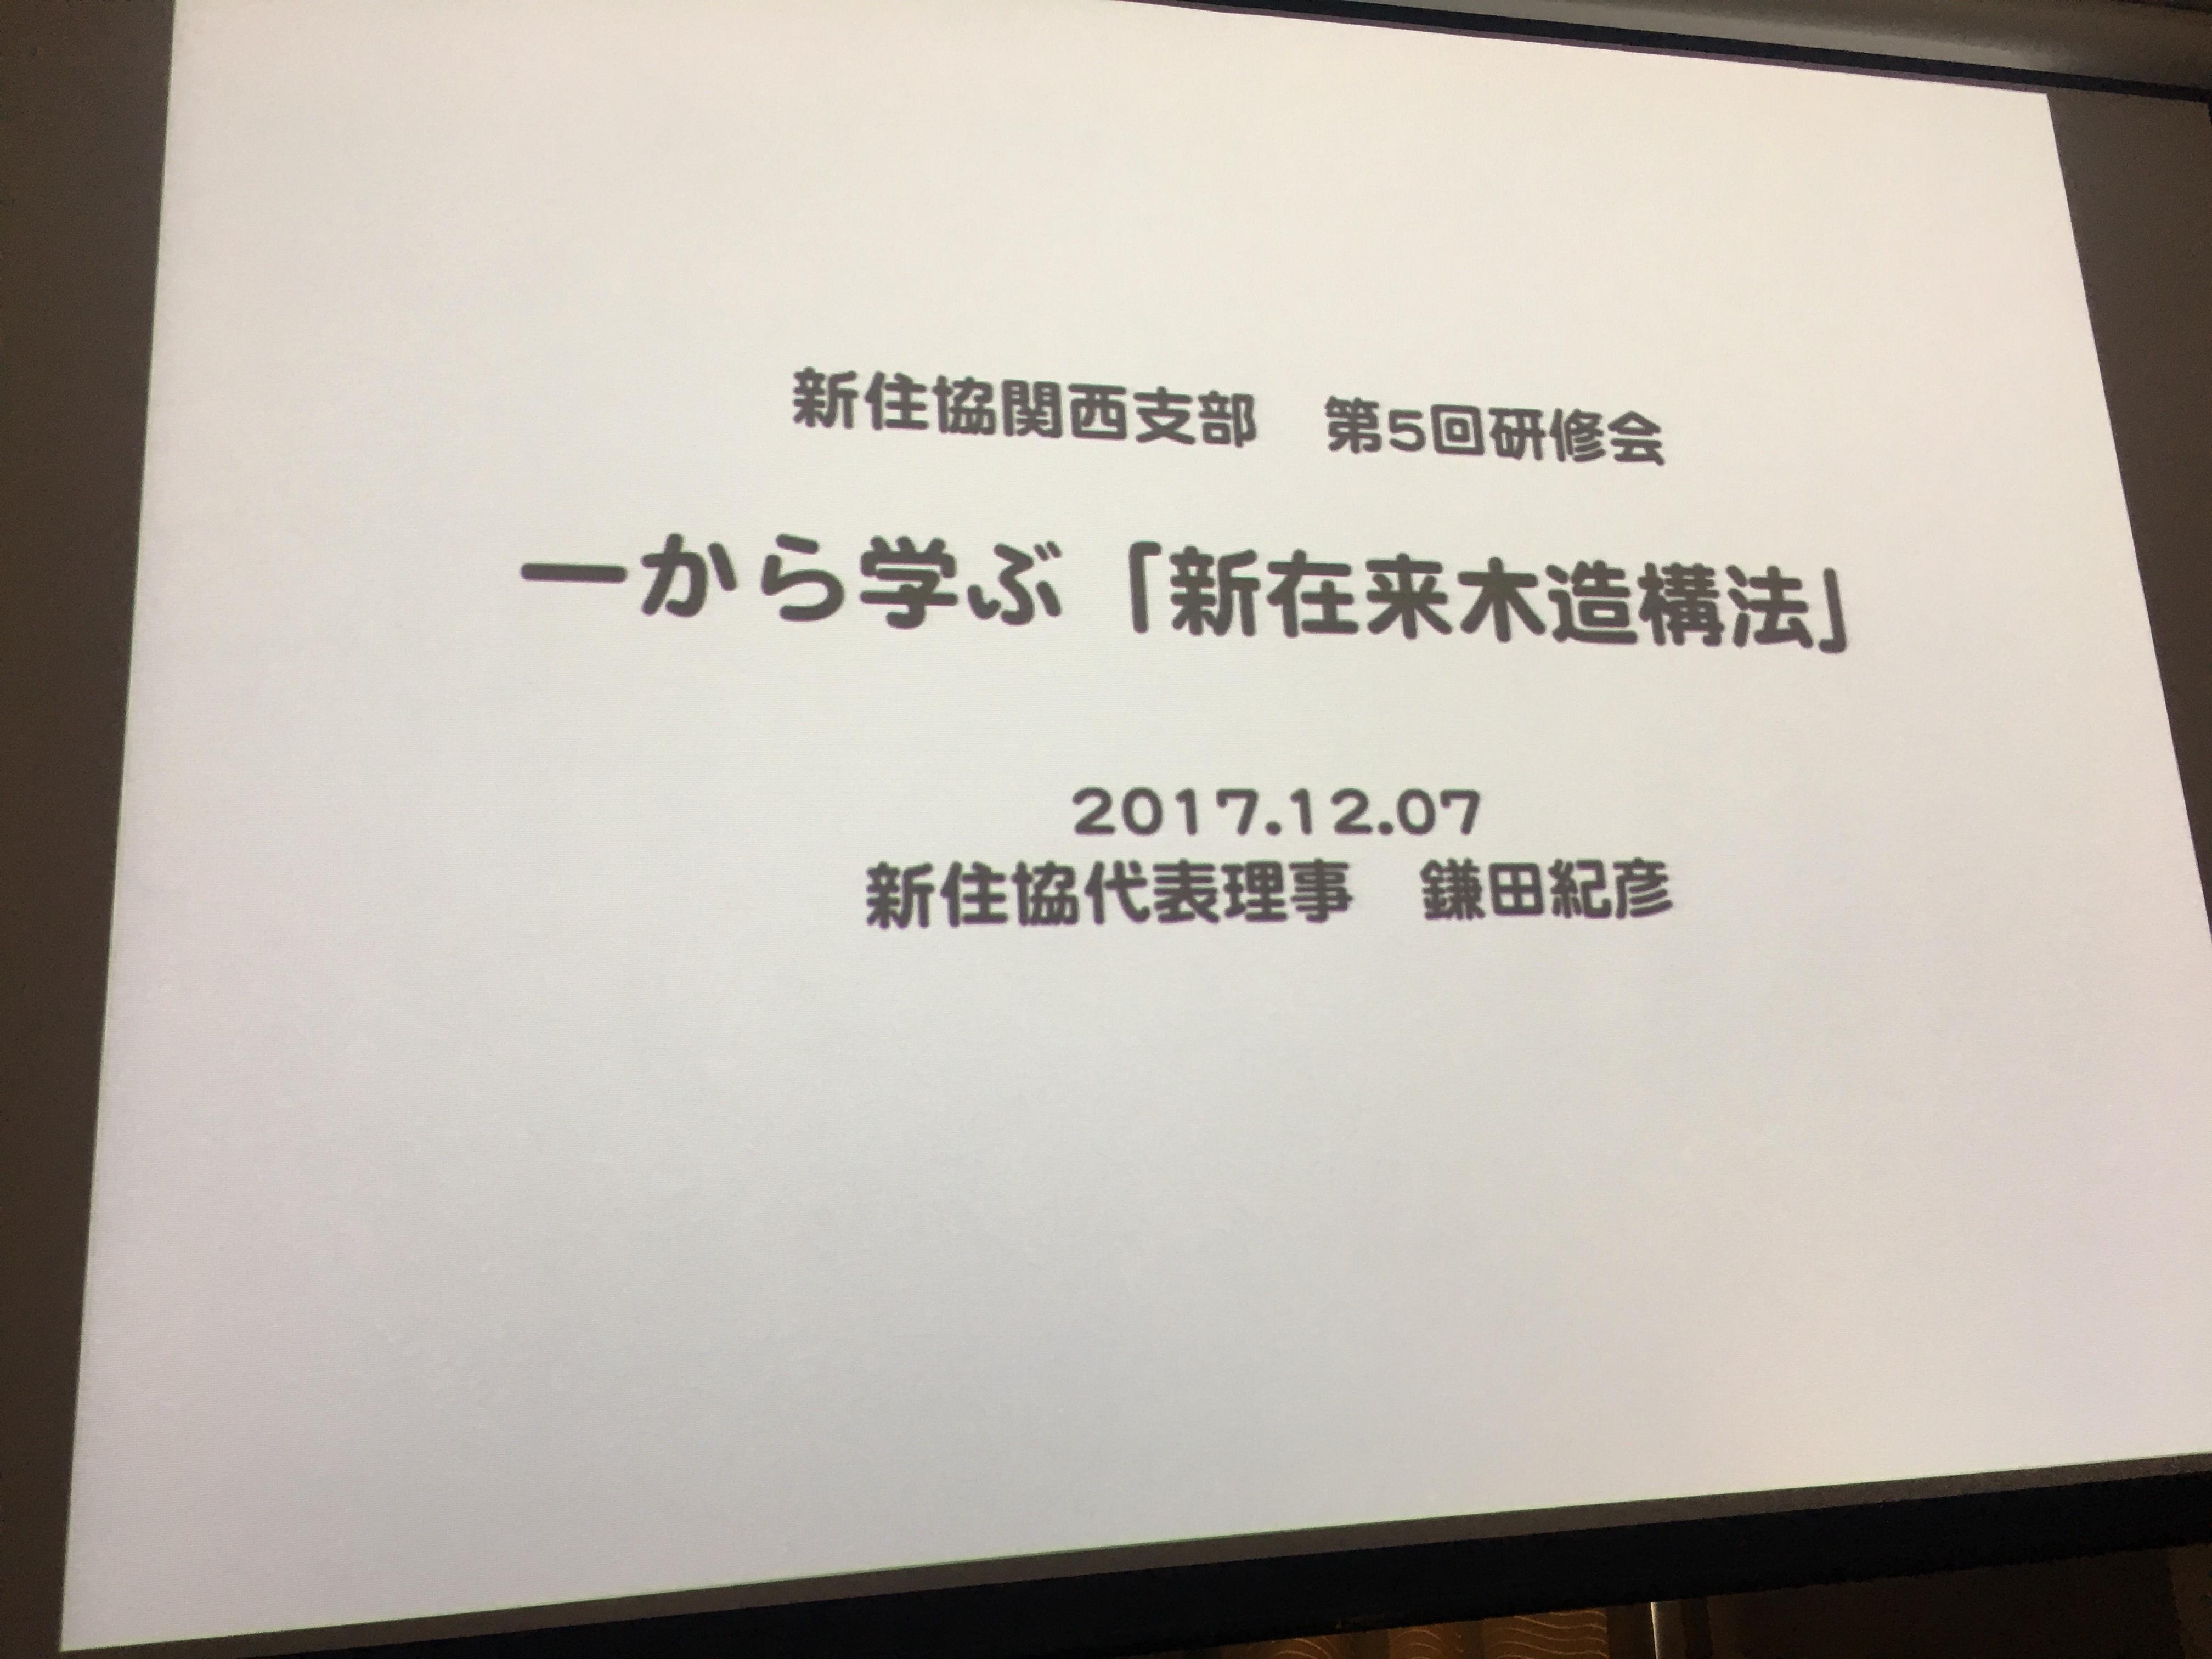 20171207新住協関西研修会 2の画像